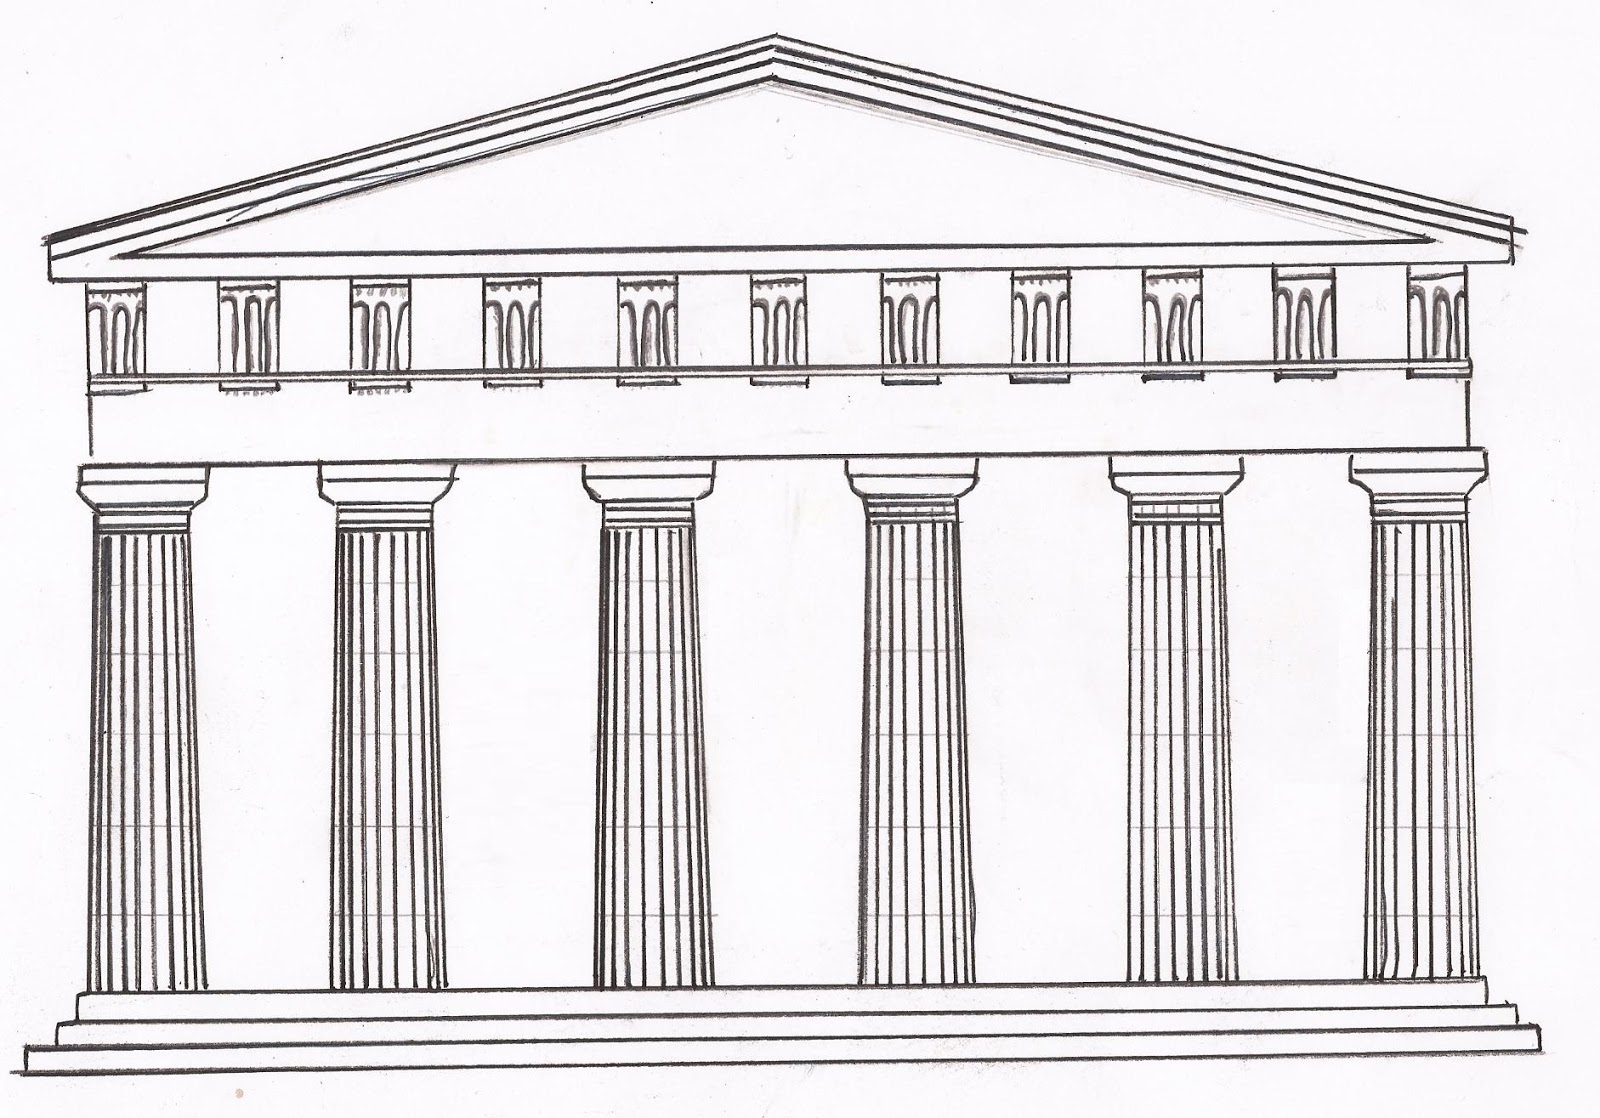 Resumen de arquitectura arquitectura griega for Arquitectura de grecia